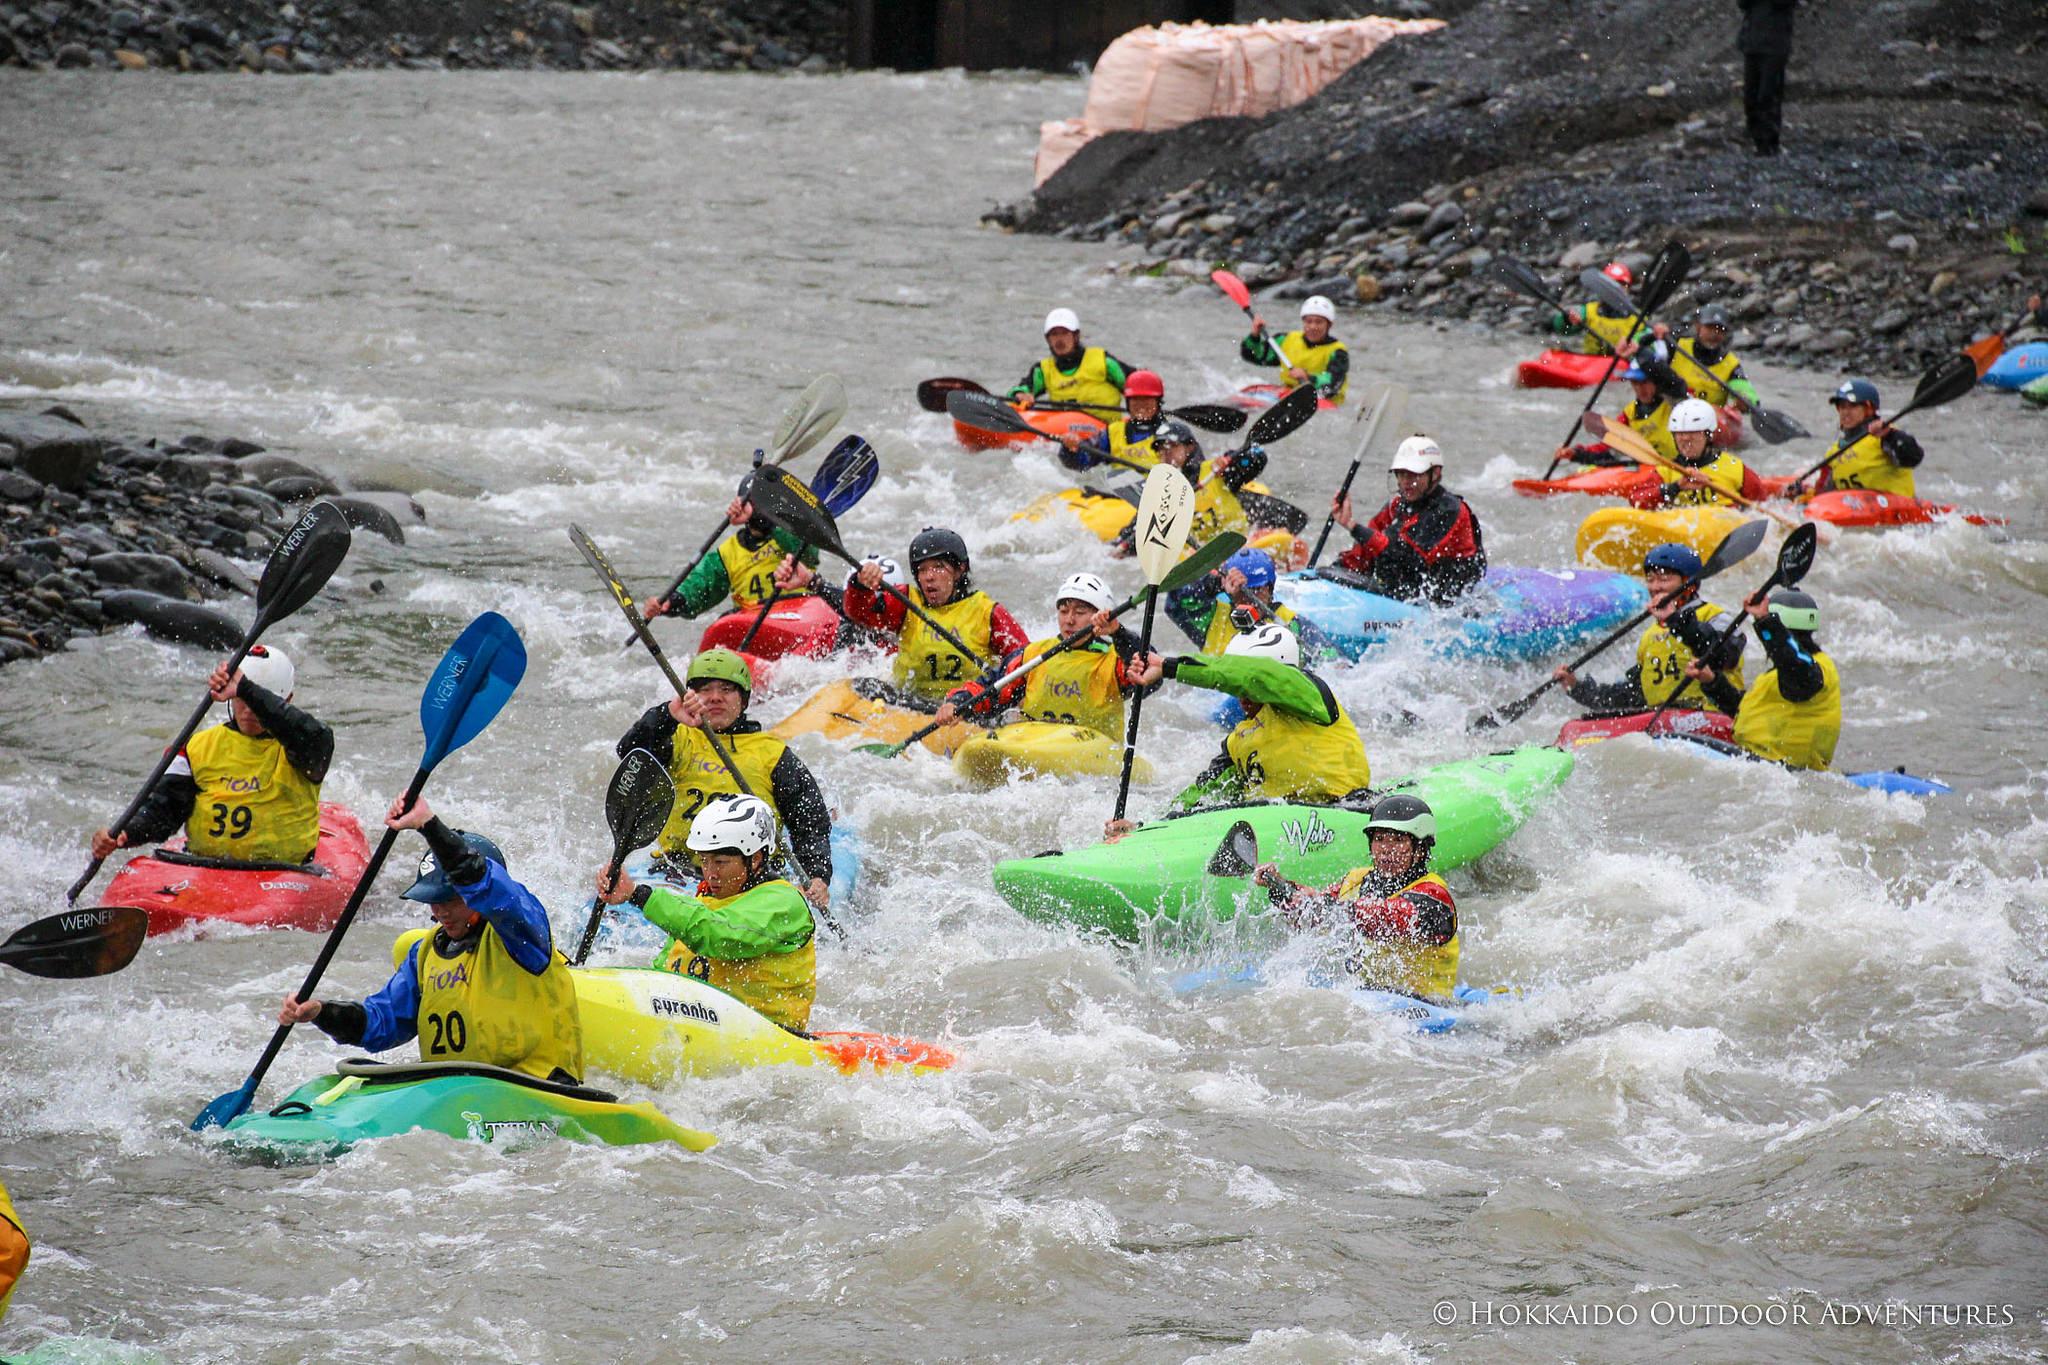 hoa-kayak-event